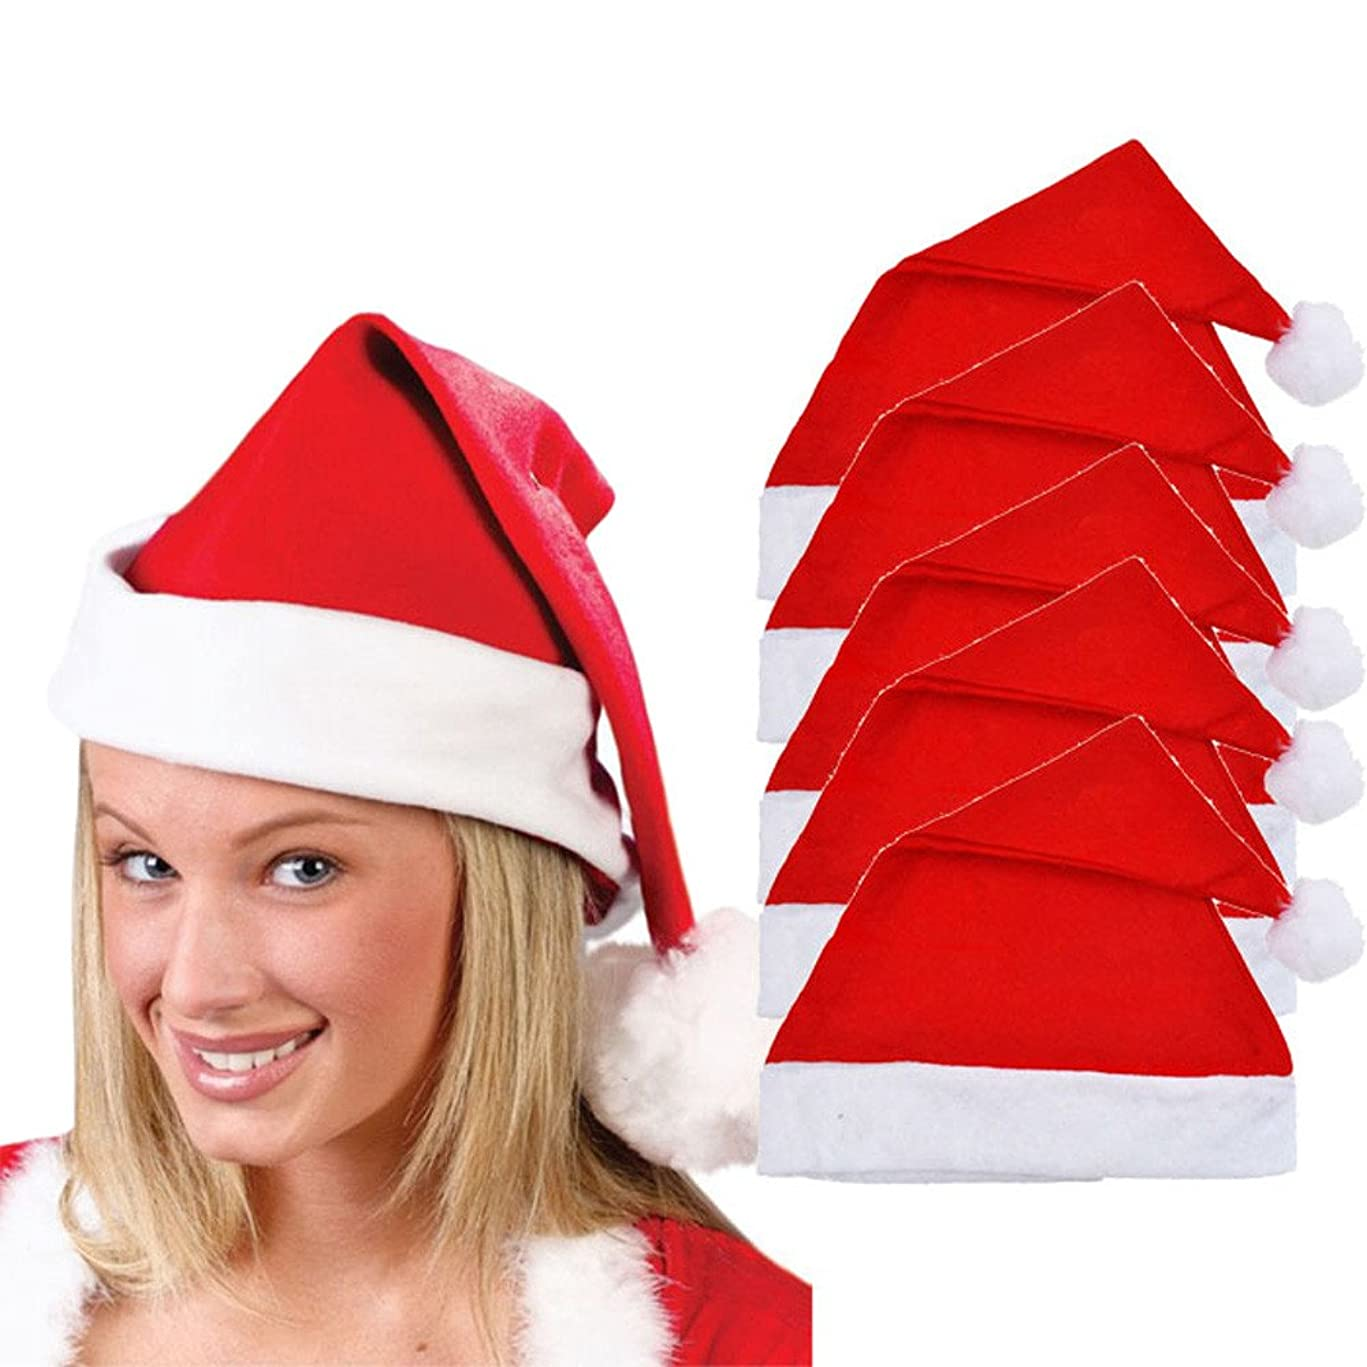 広く硬化する精査Racazing クリスマスハット 5つの レッド Hat ライト ドームキャップ 防寒対策 通気性のある 防風 ニット帽 暖かい 軽量 屋外 スキー 自転車 クリスマス 男女兼用 Christmas Cap